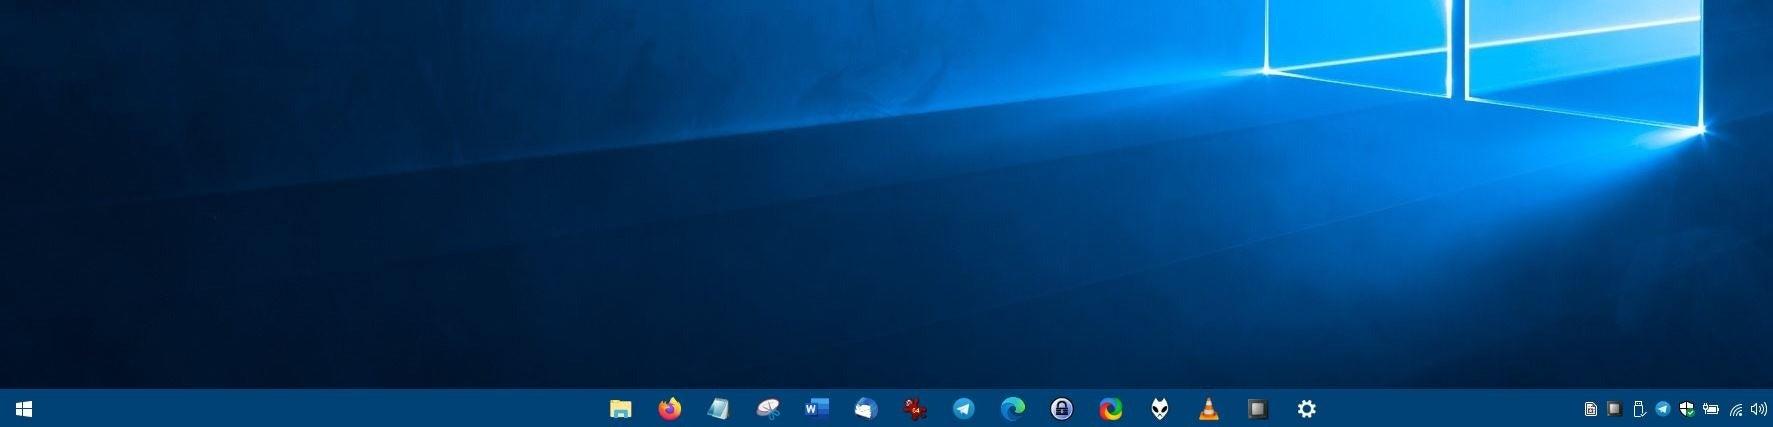 CenterTaskbar es un programa de código abierto y portátil que posiciona dinámicamente los iconos en el centro de la barra de tareas